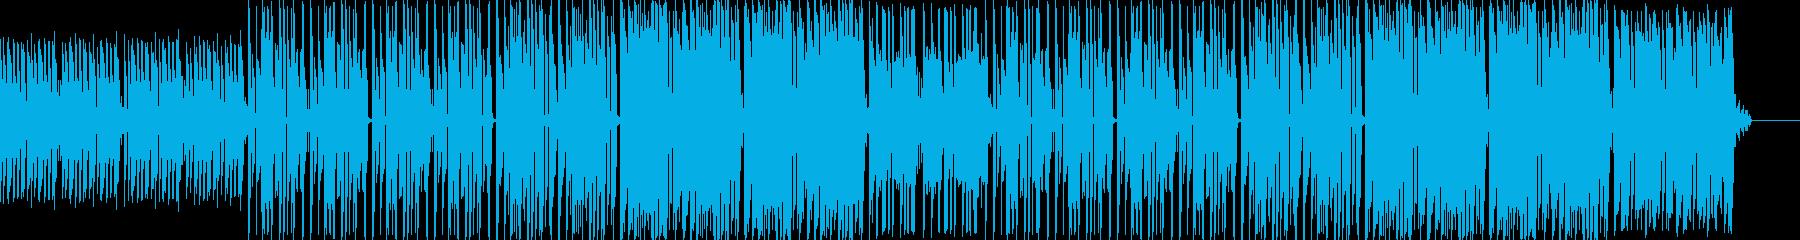 ラップ用ビート◆幻想的でノリのいいピアノの再生済みの波形